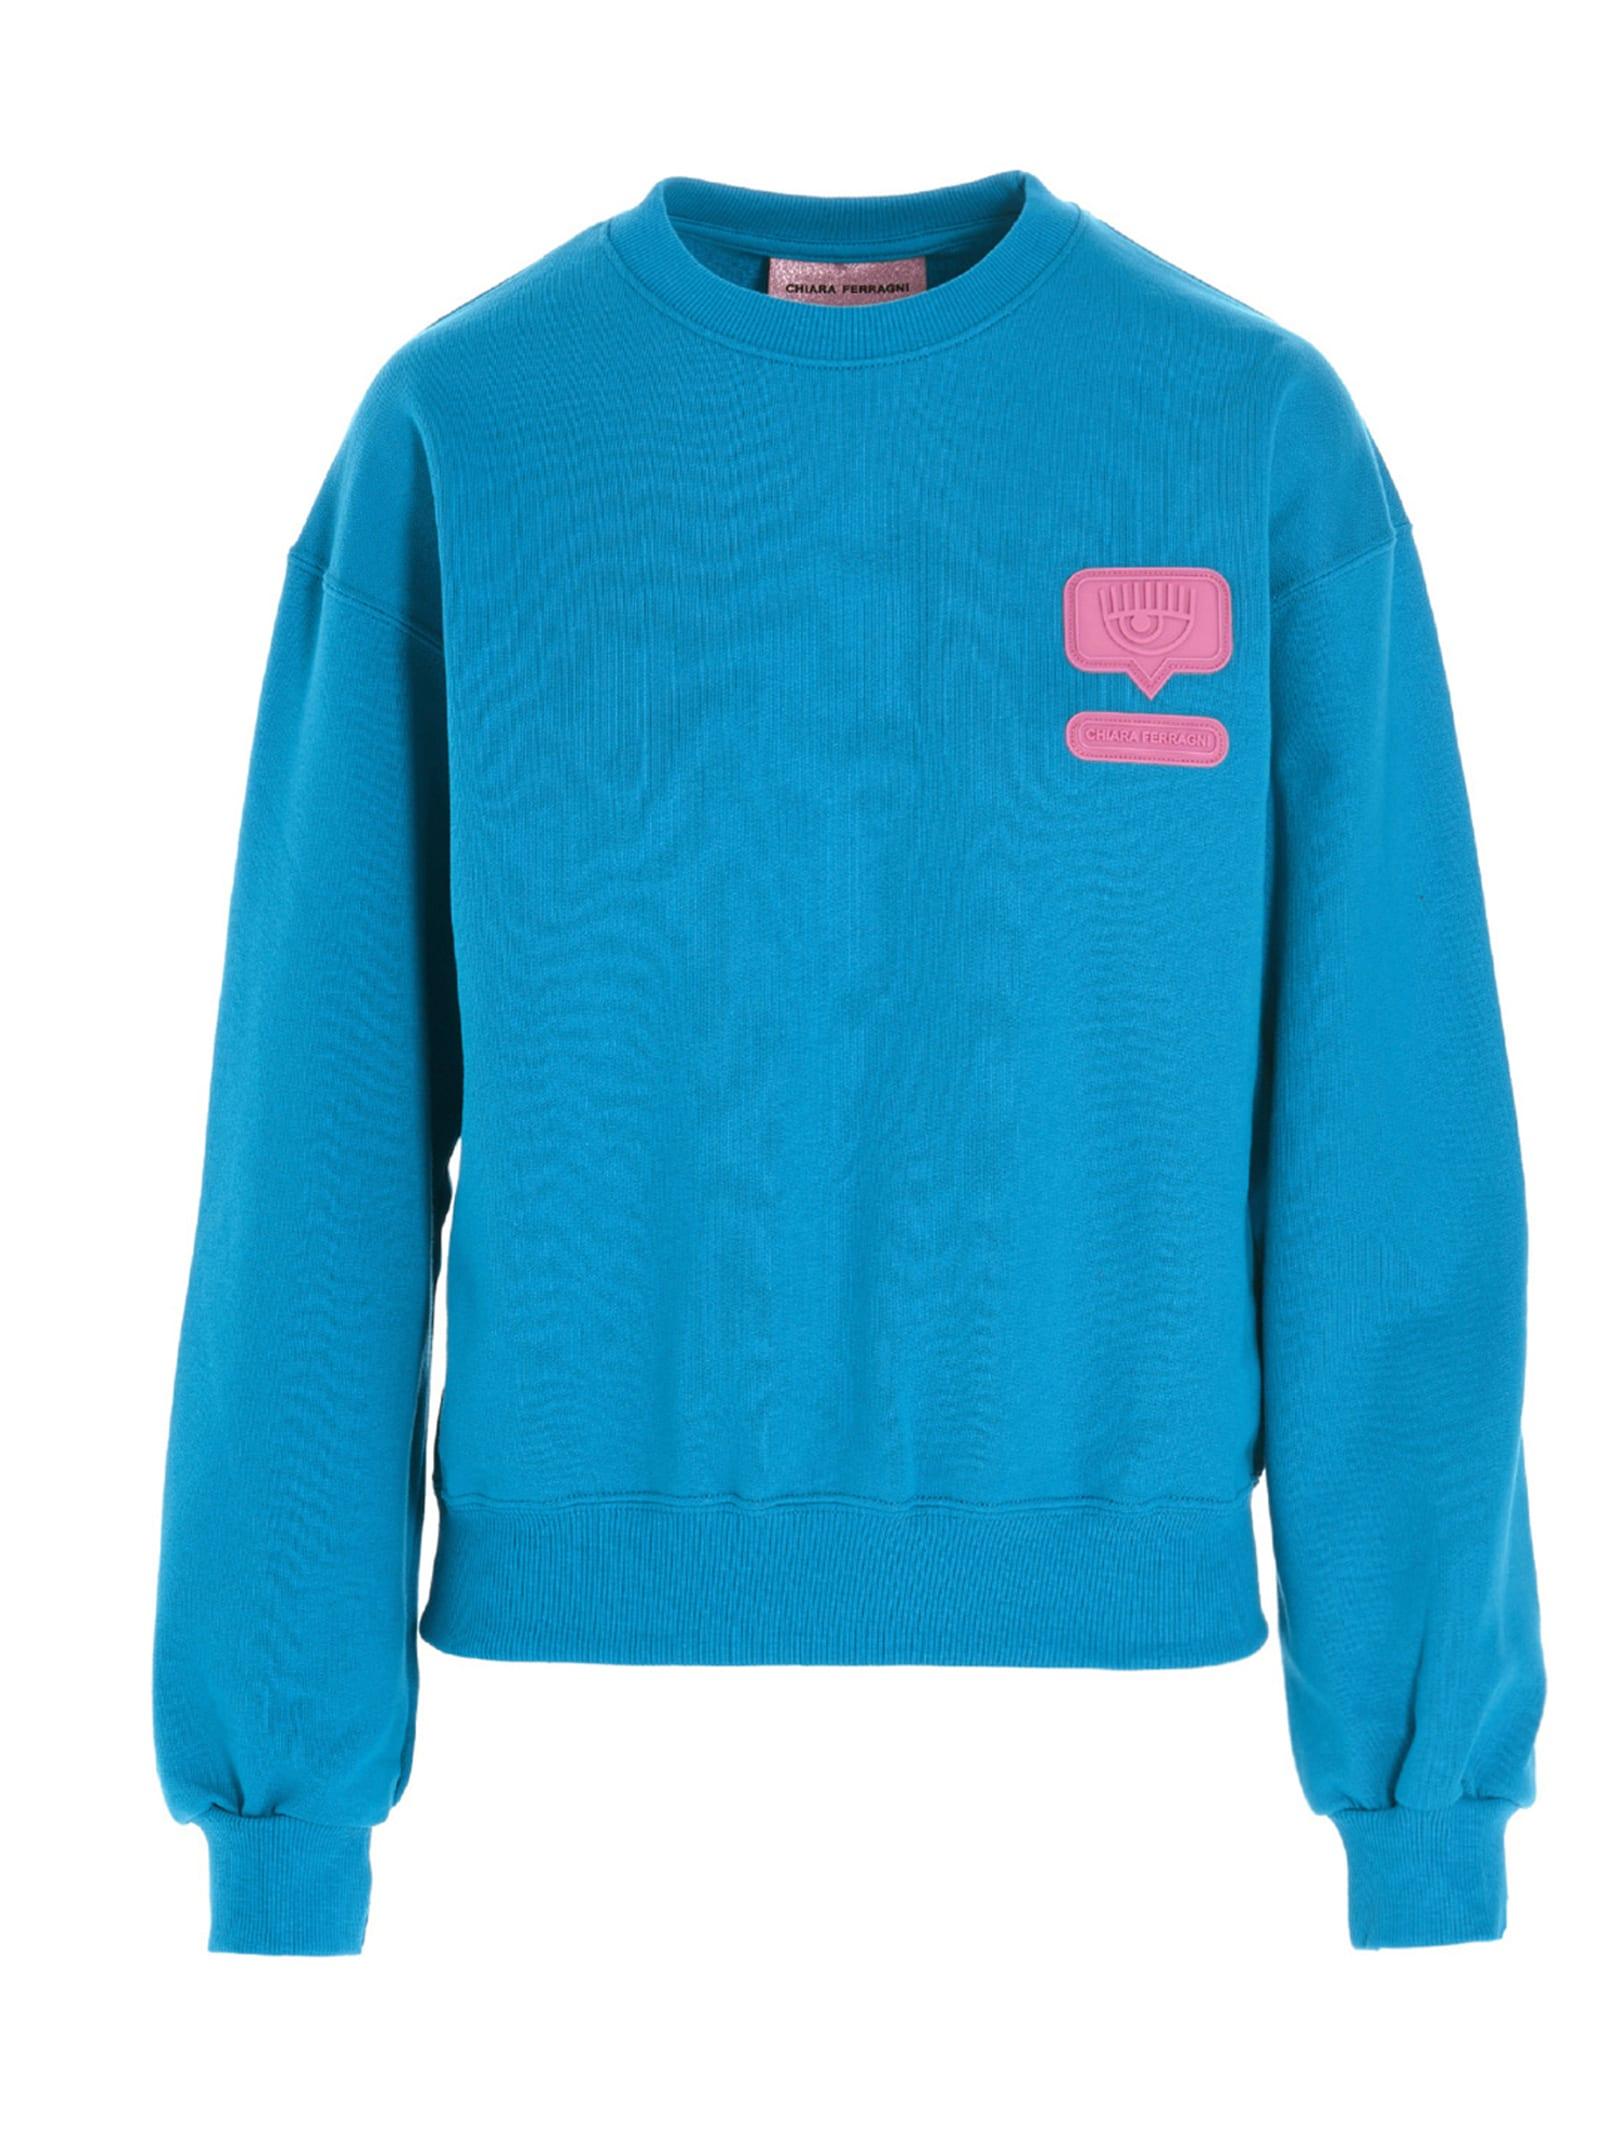 Chiara Ferragni eyelike Sweater